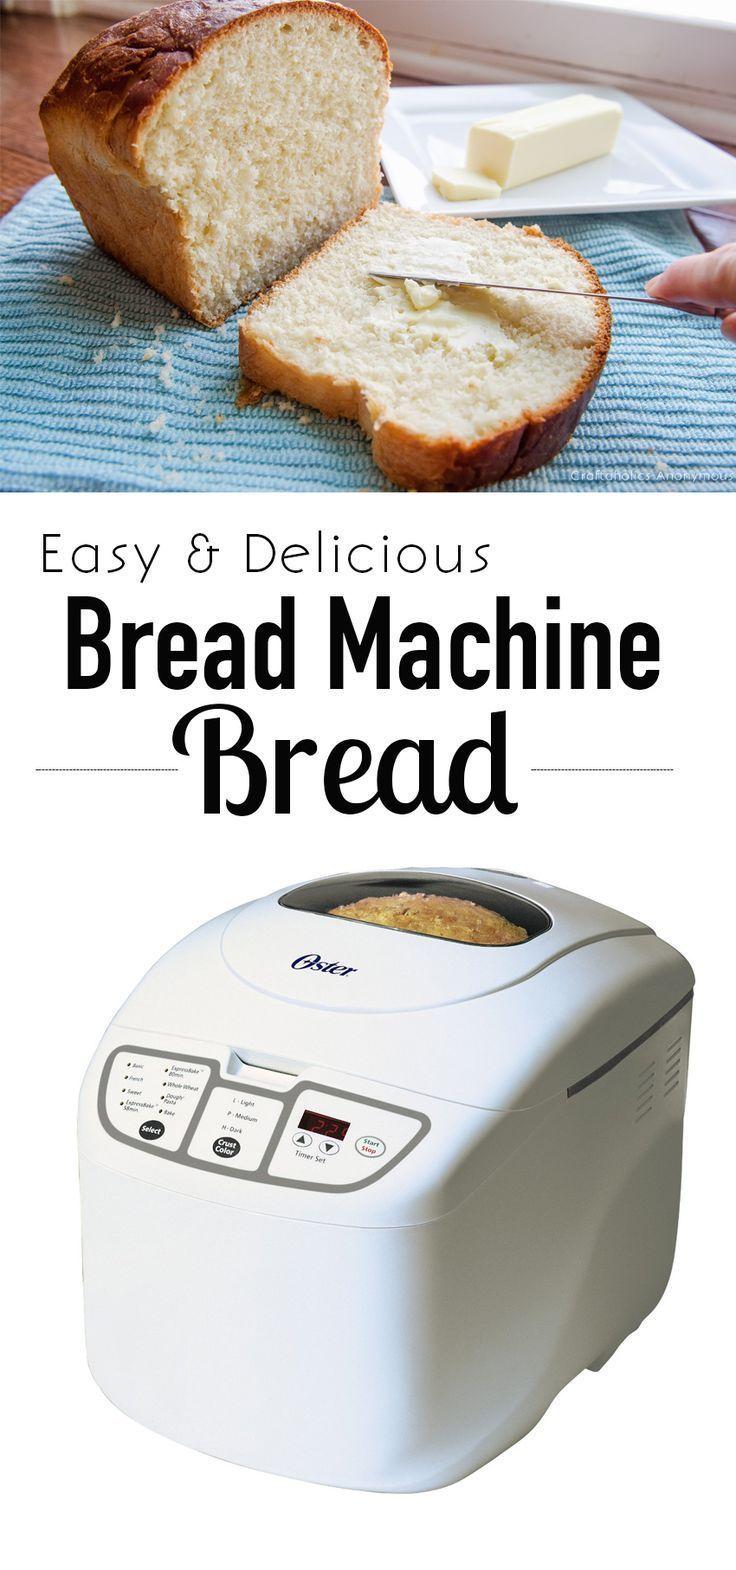 Das köstlichste Brotmaschinen-Brotrezept aller Zeiten! Holen Sie sich hausgemachtes Brot die einfache …   – Bread Recipes